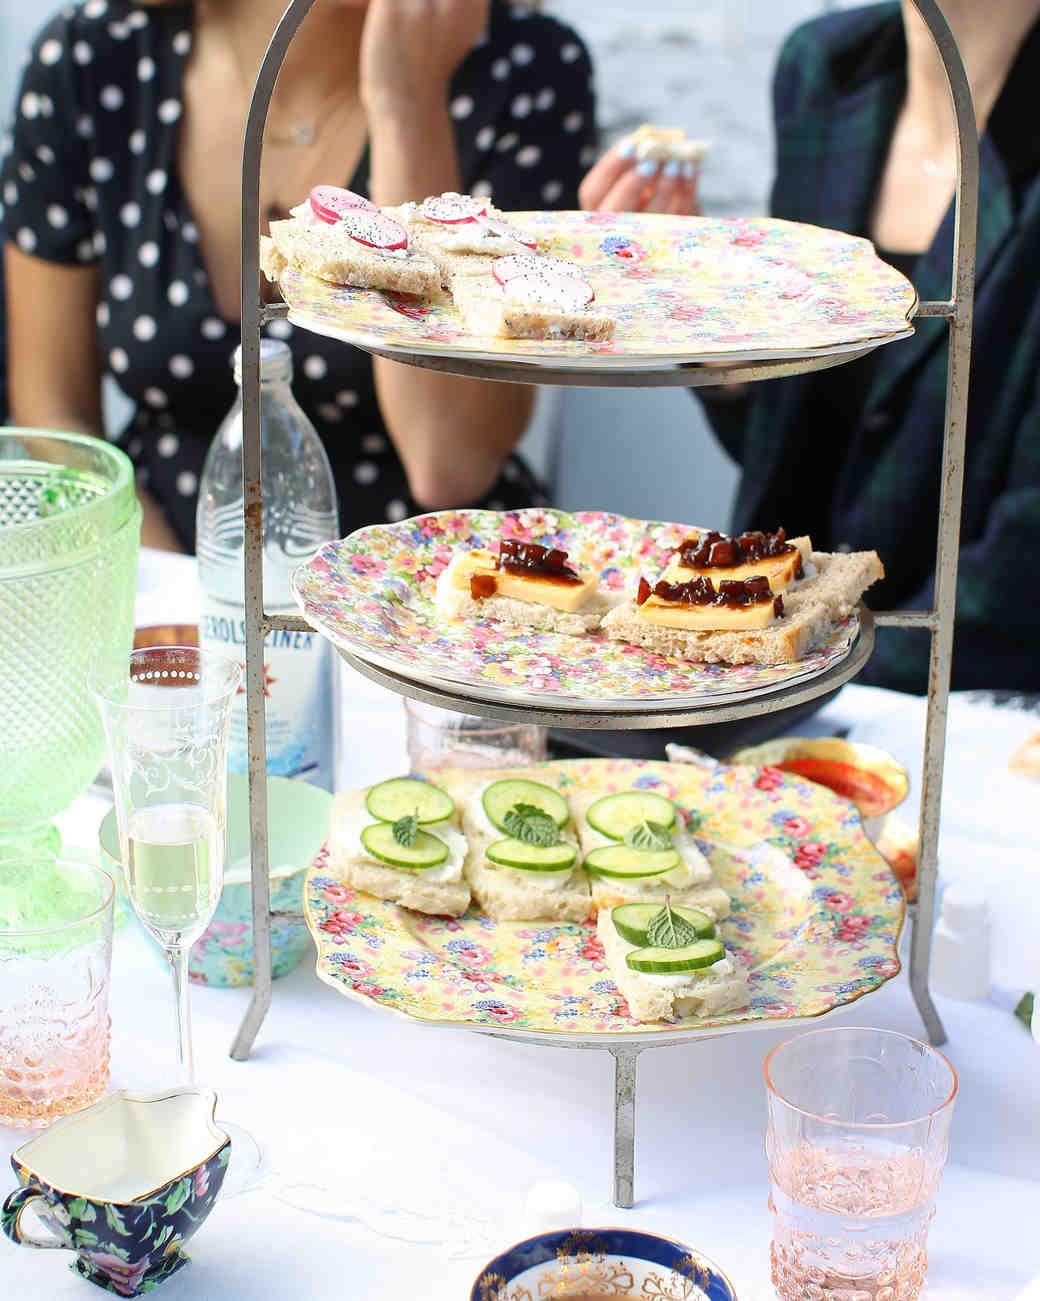 geri-hirsch-bridal-shower-tea-party-finger-sandwiches-0315.jpg